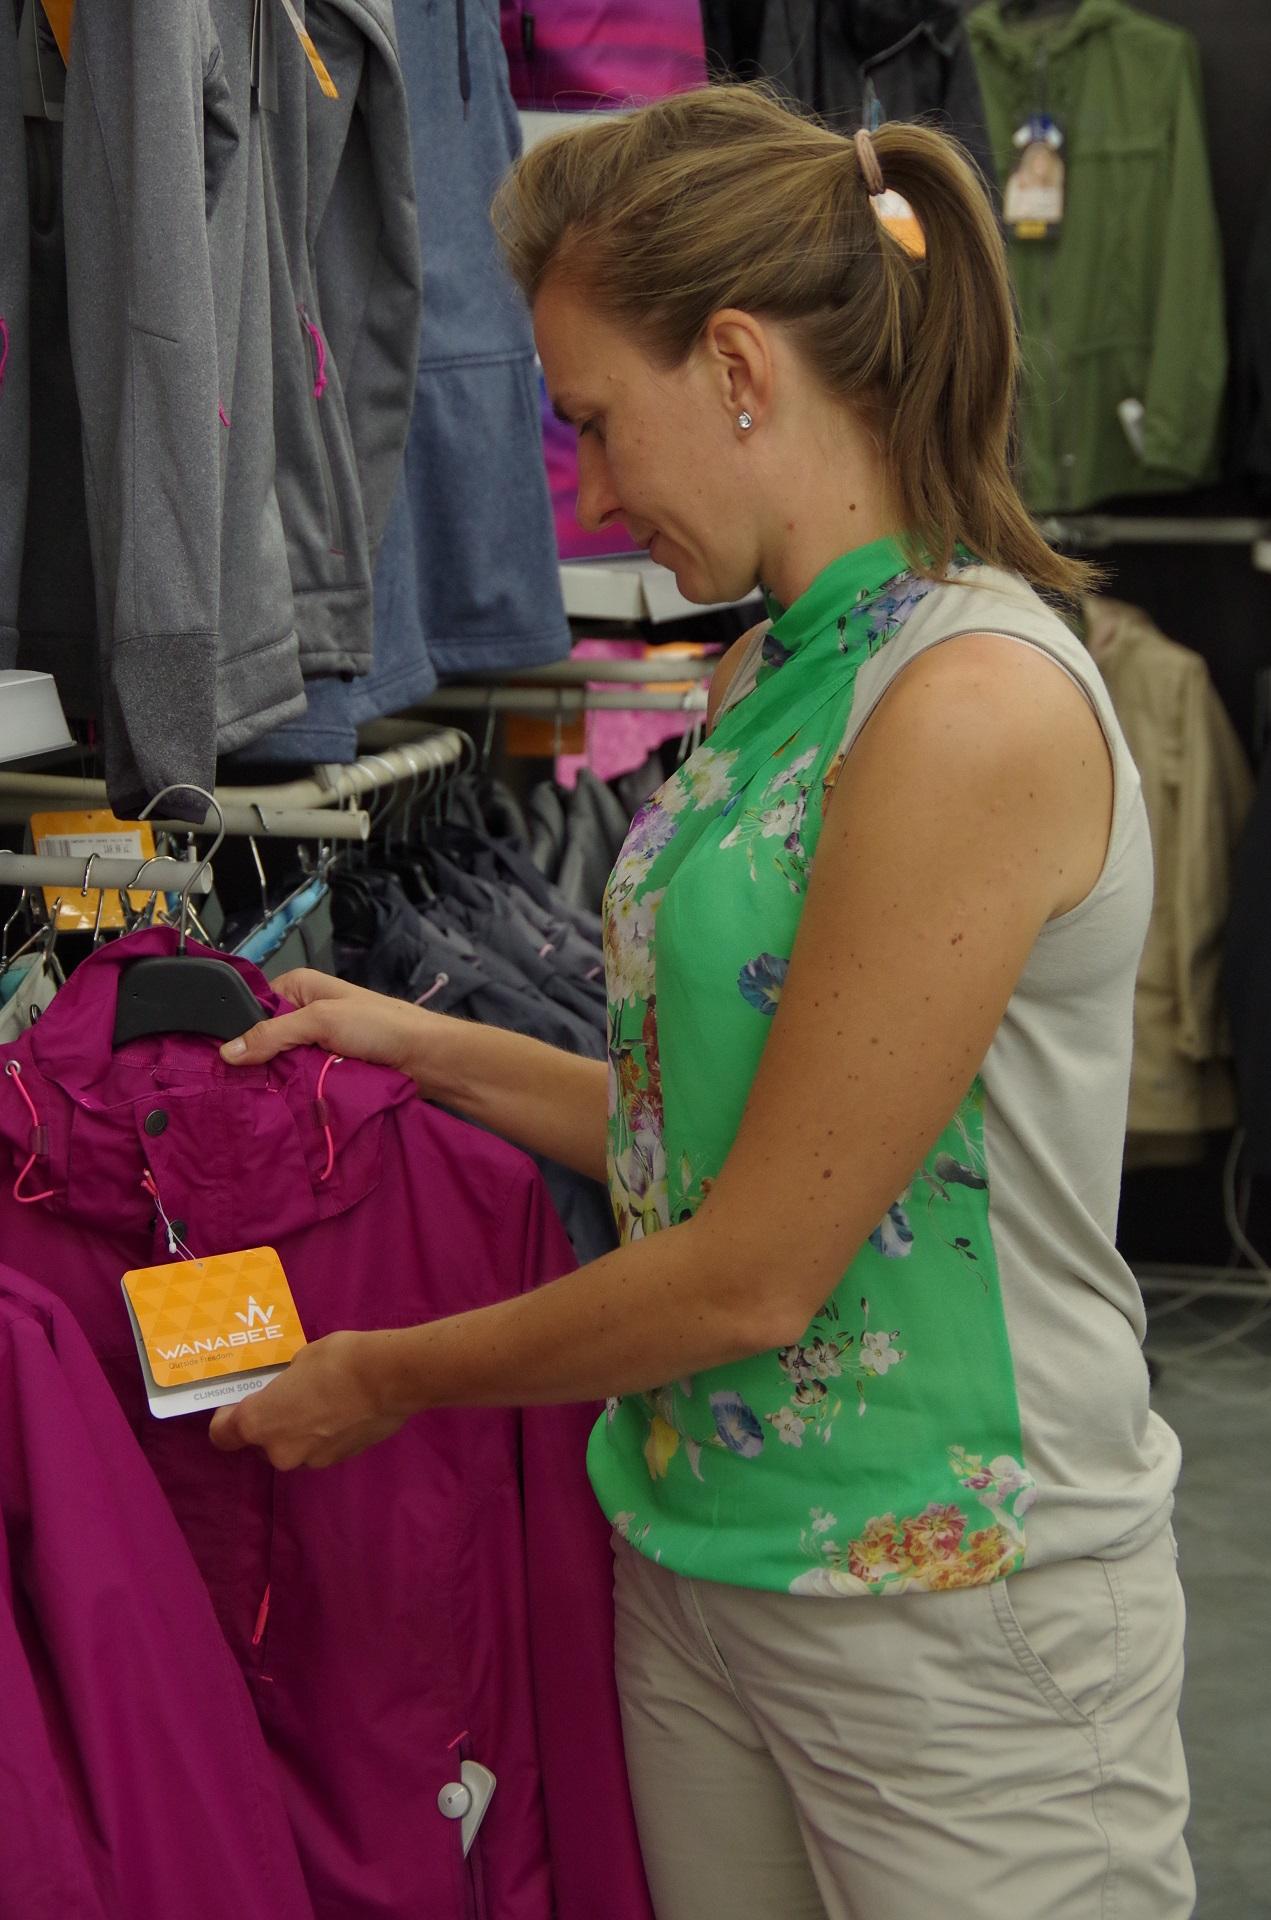 Pola w sklepie GoSport w Katowicach